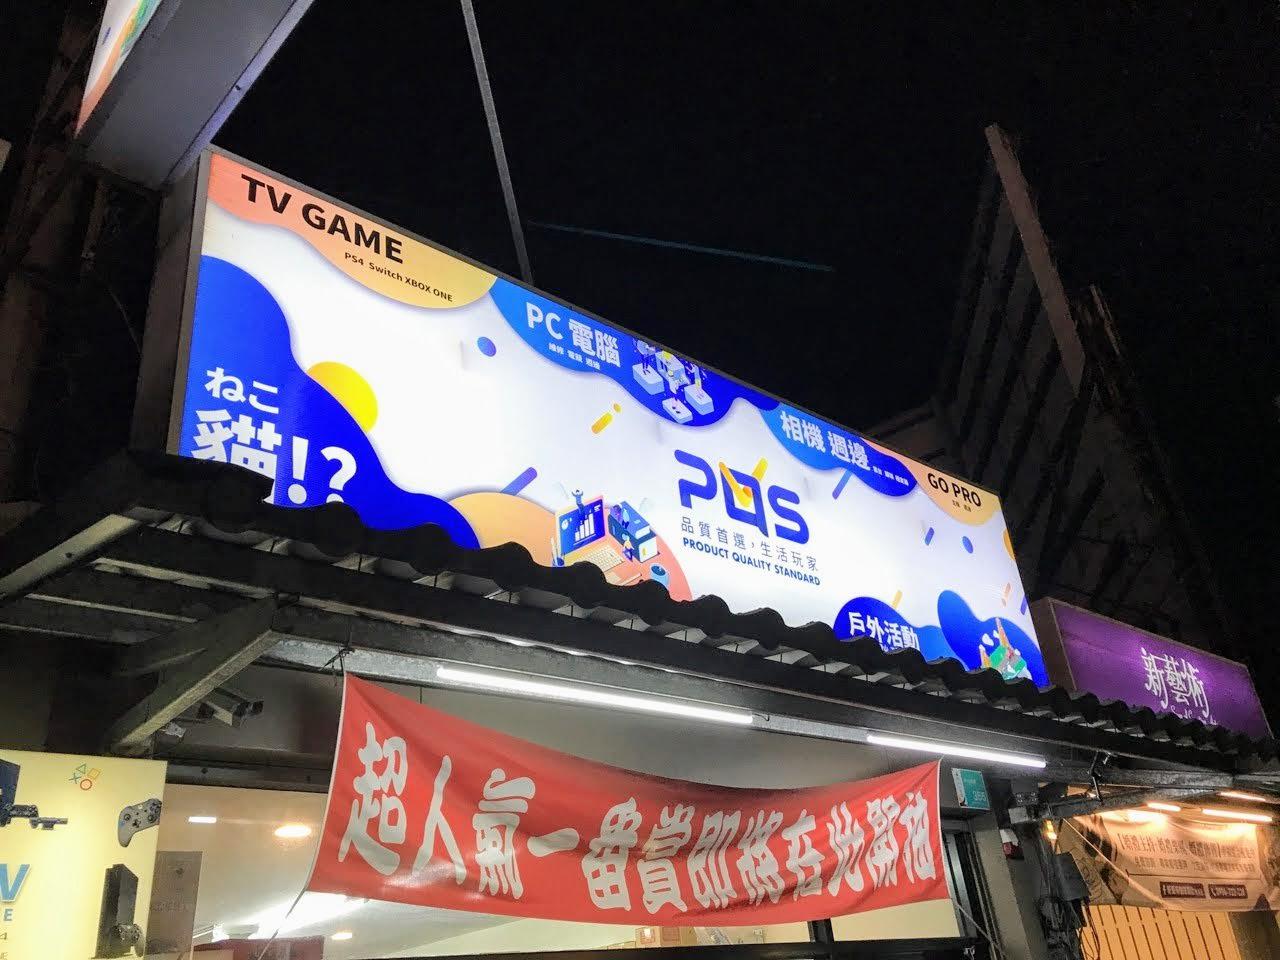 【台南|永康】PQS STORE|台南自媒體彈藥庫|台南GOPRO9現貨|台南直播周邊推薦